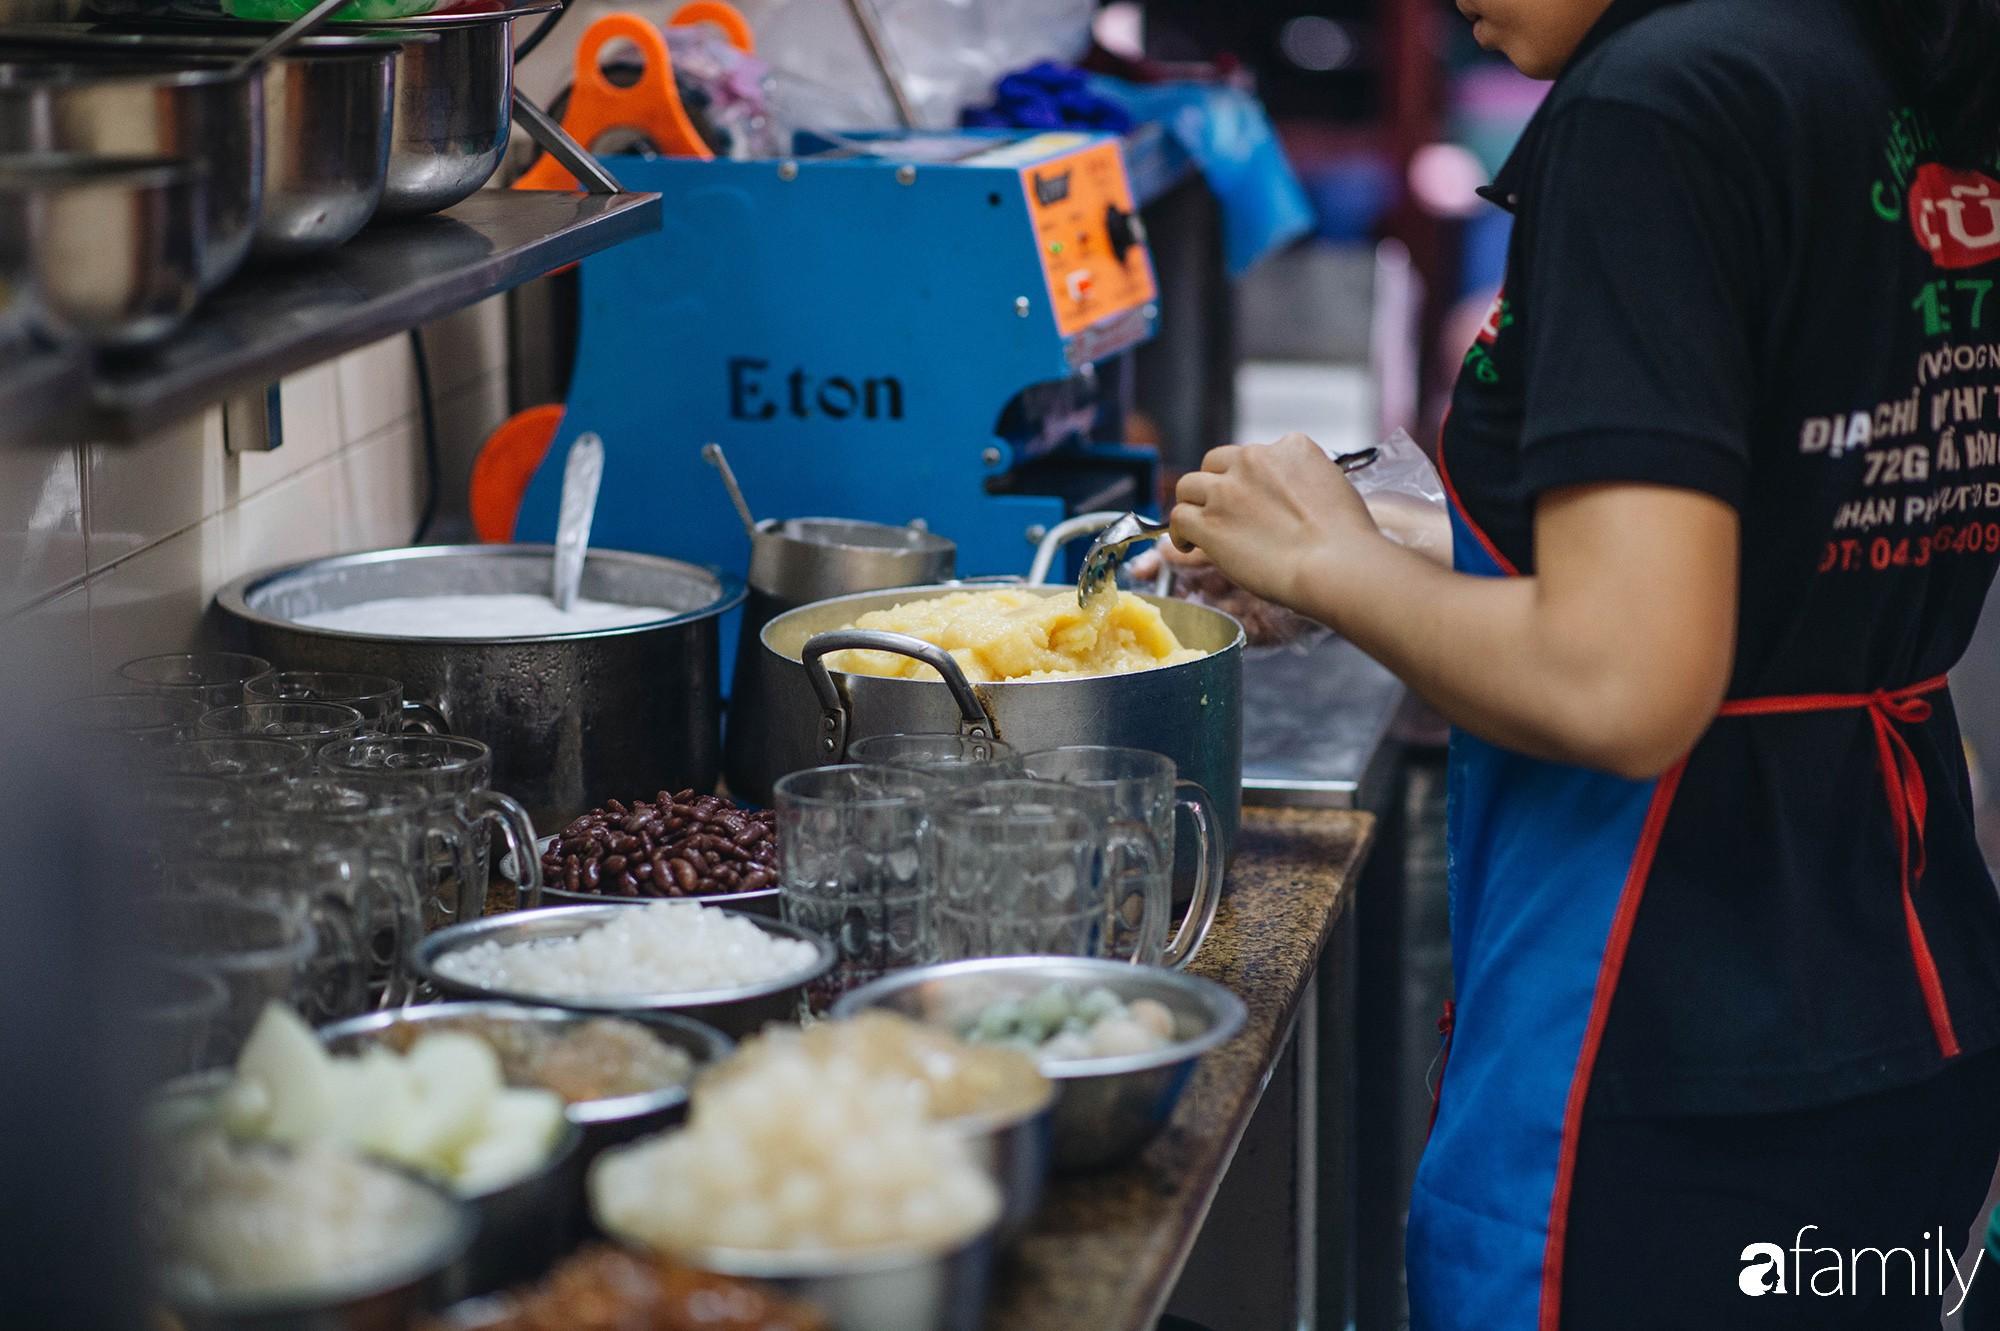 Bán món bình dân, nhưng giá cả của 5 quán ăn Hà Nội này sẽ khiến nhiều người bất ngờ khi lần đầu ghé đến - Ảnh 7.